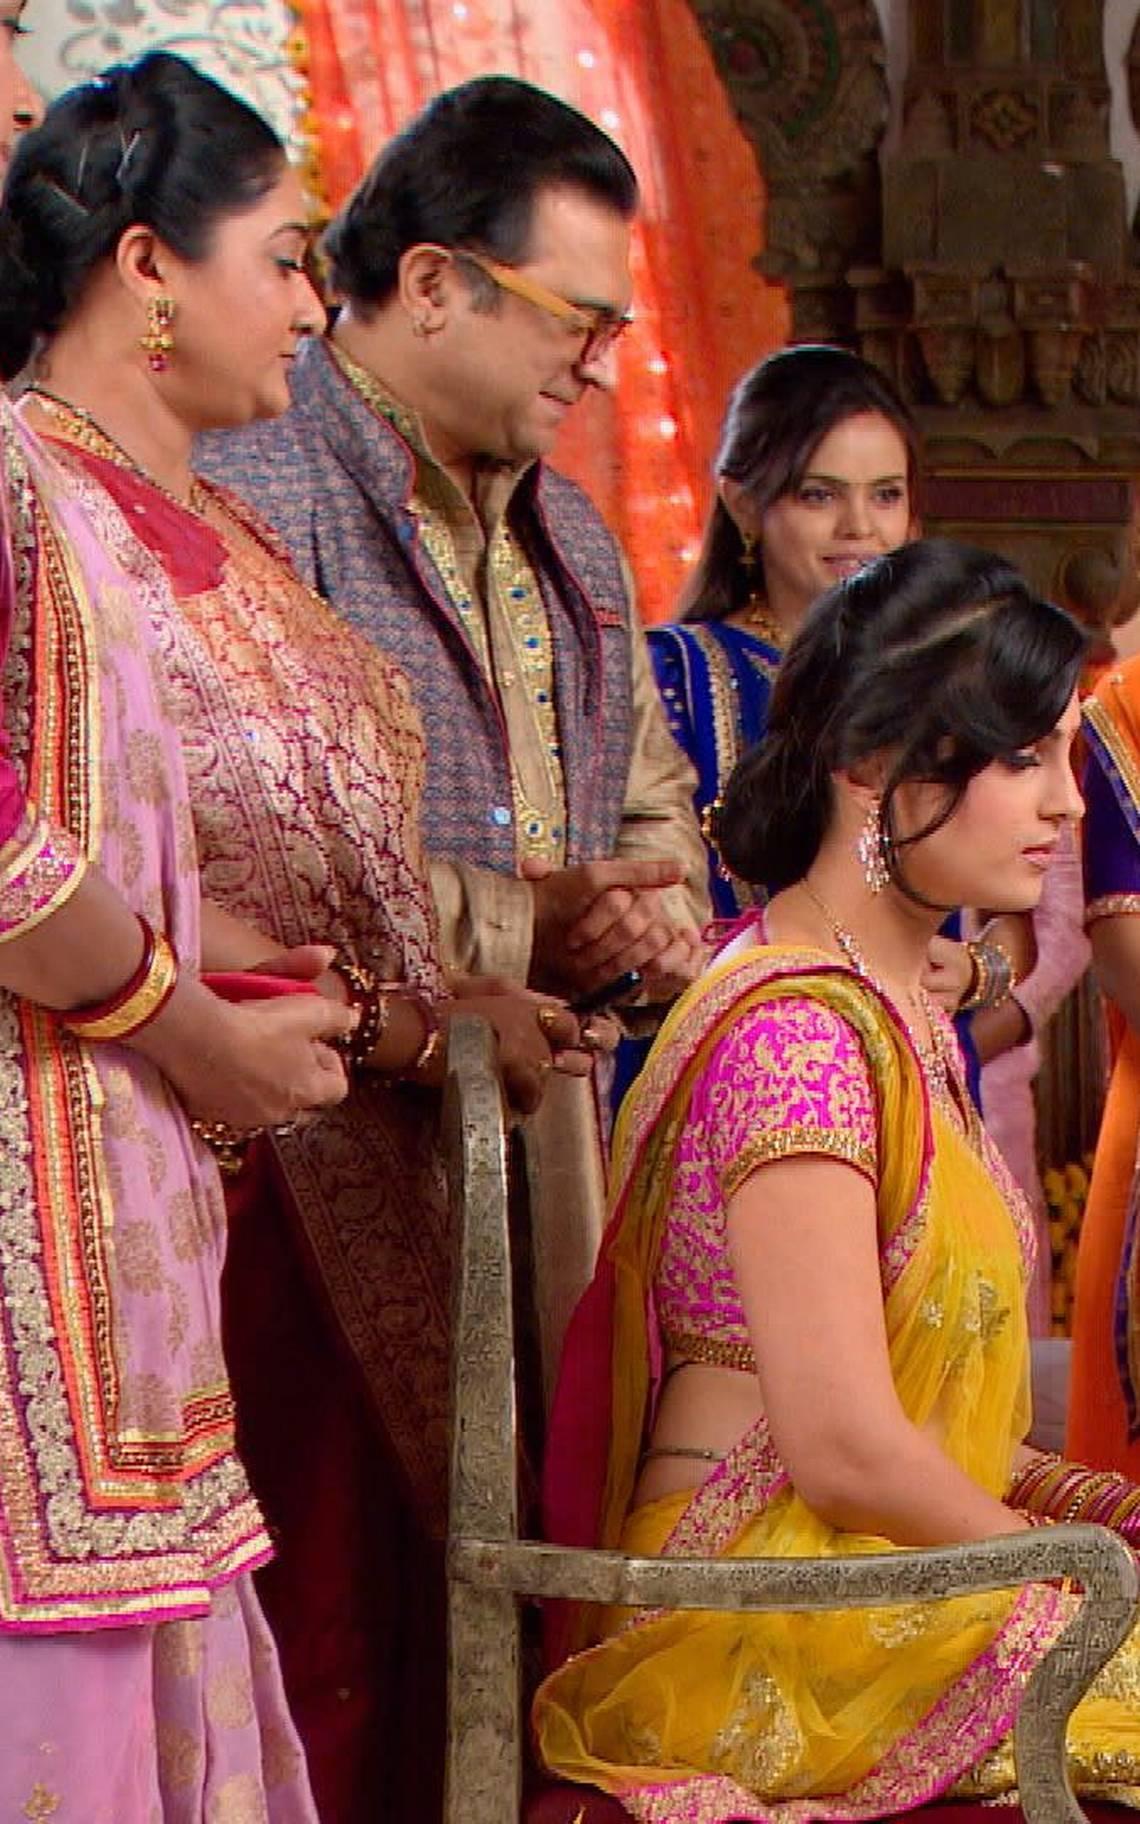 ¿Cómo son los rituales de compromiso en la India?